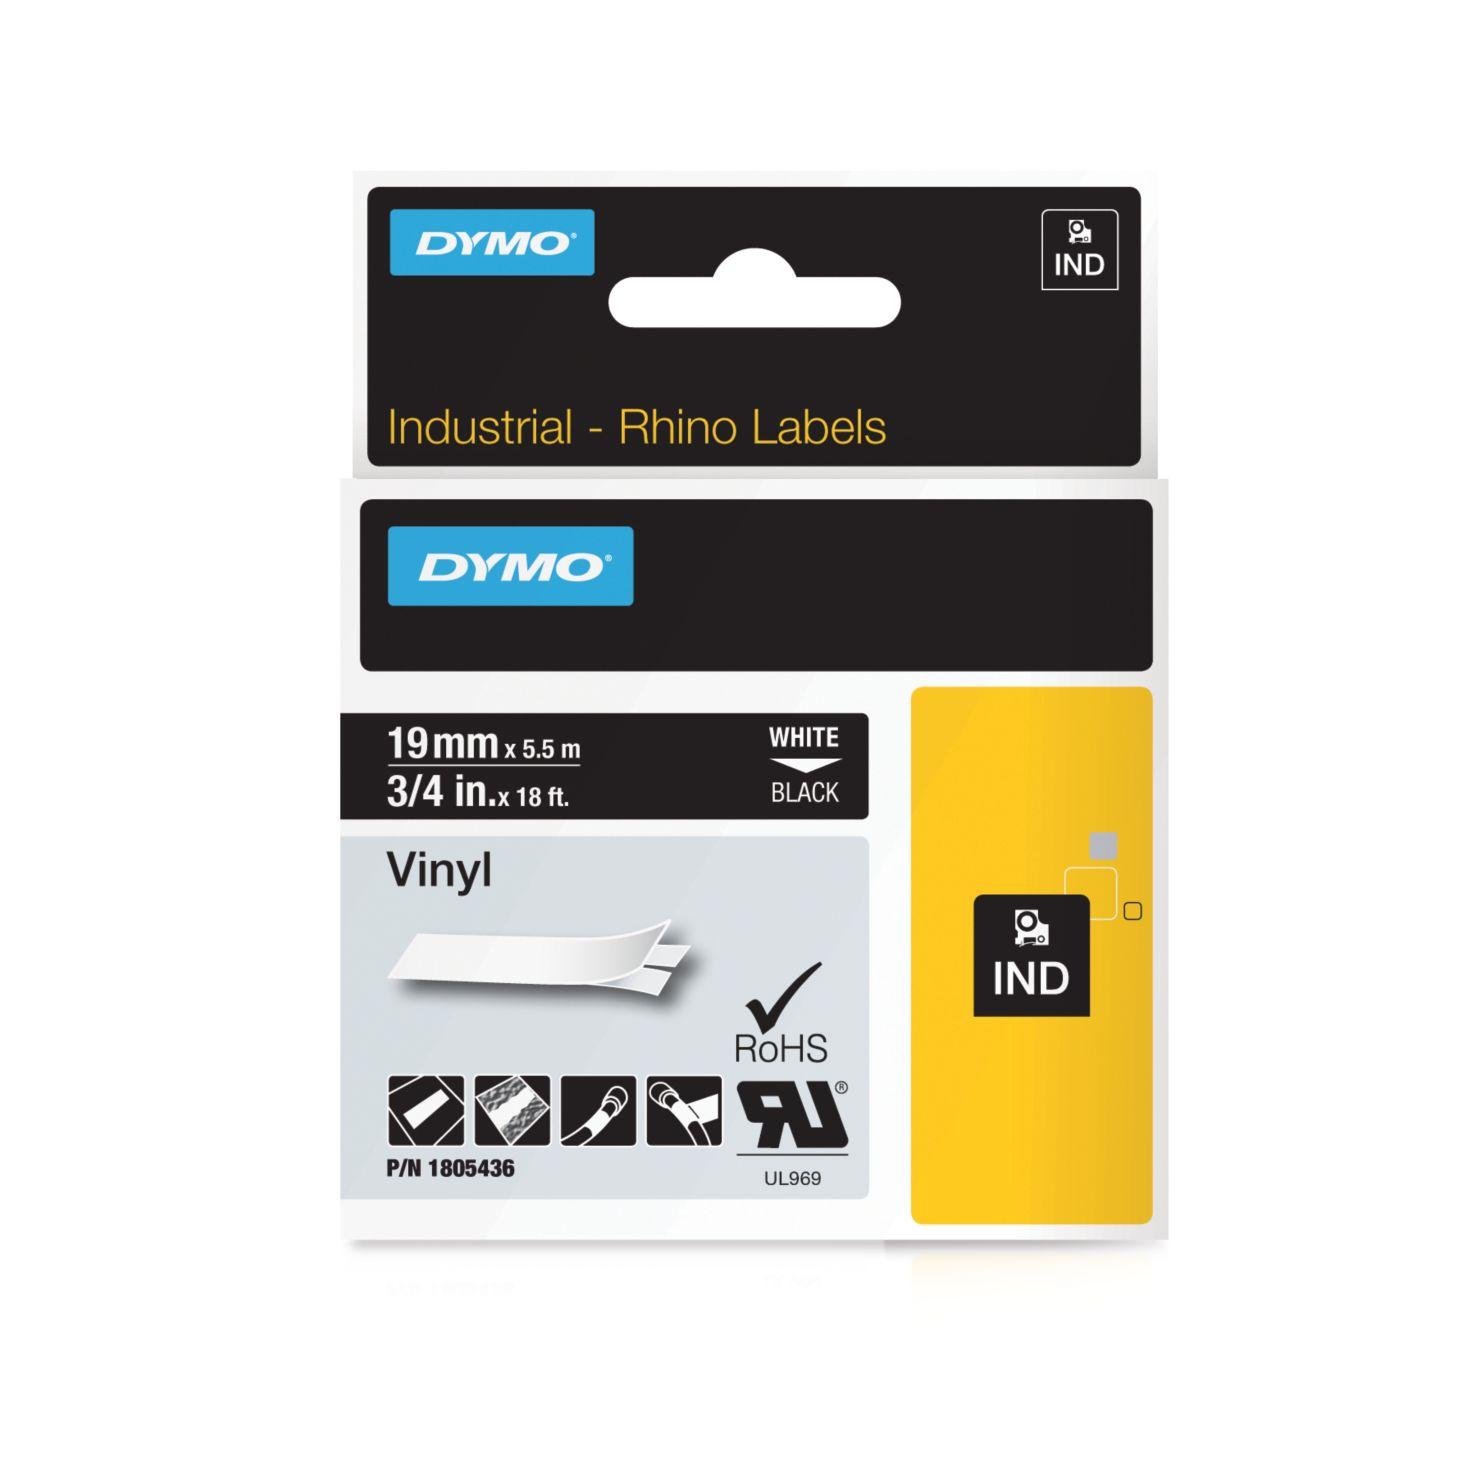 Dymo Rhino-Schriftband Vinyl 19mm x 5,5m weiß auf schwarz